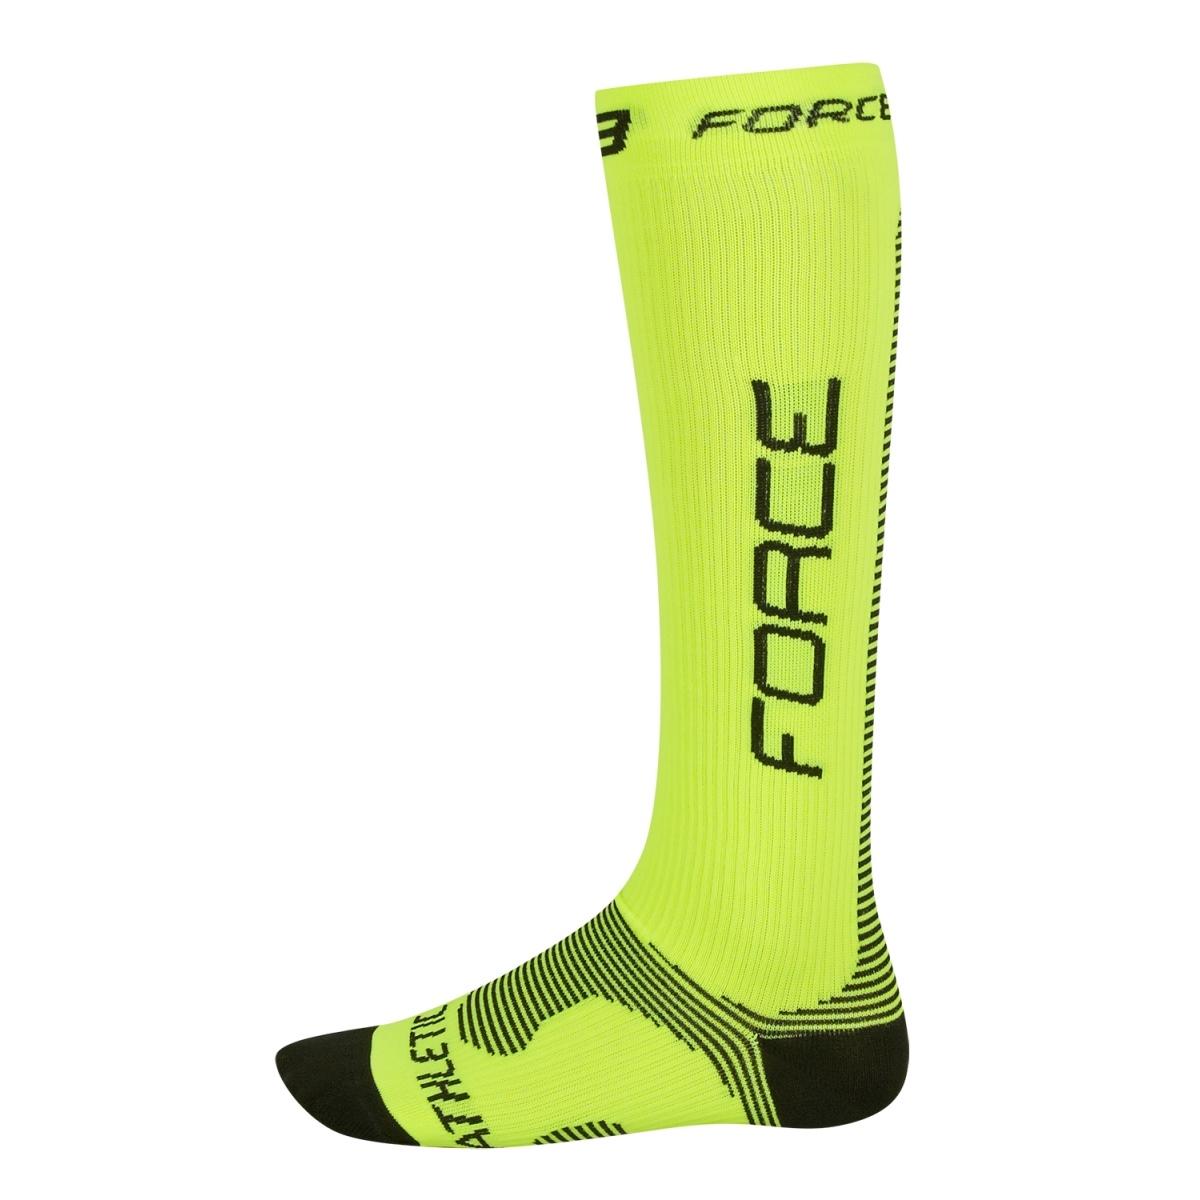 Force ponožky Athletic Pro Kompres fluo-černé S-M